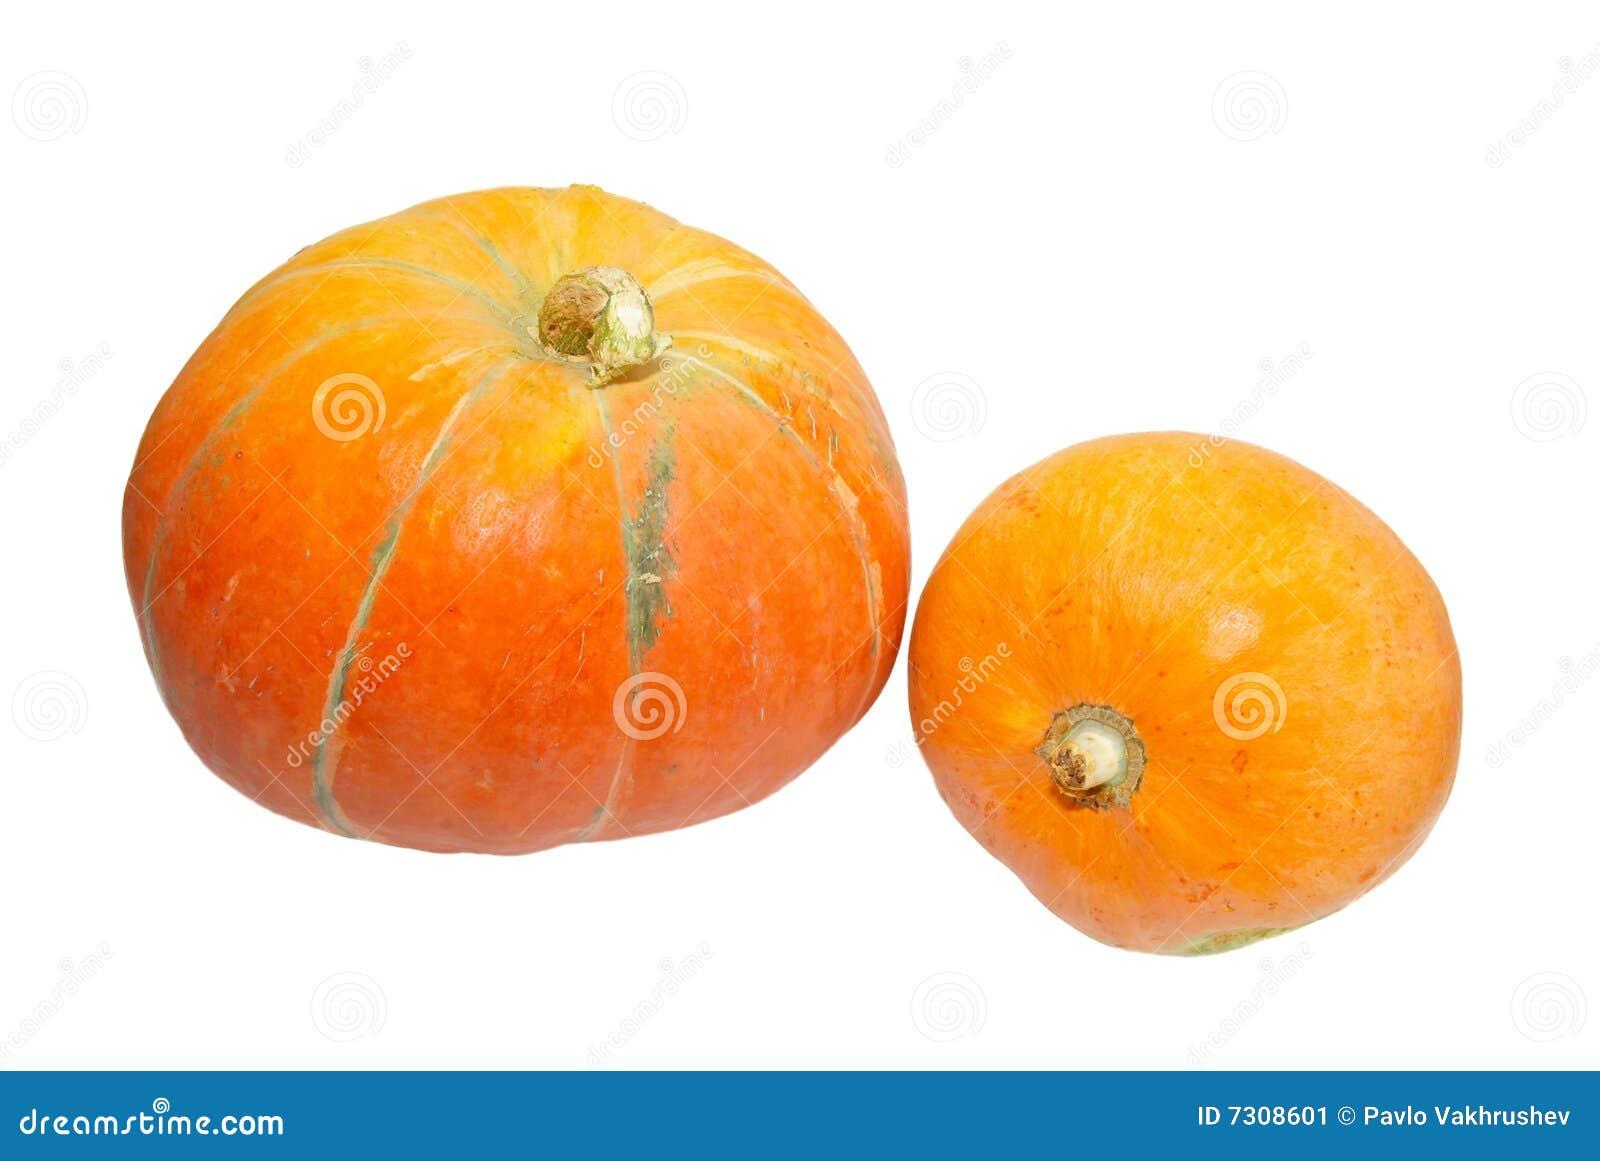 Due zucche arancioni isolate su bianco.